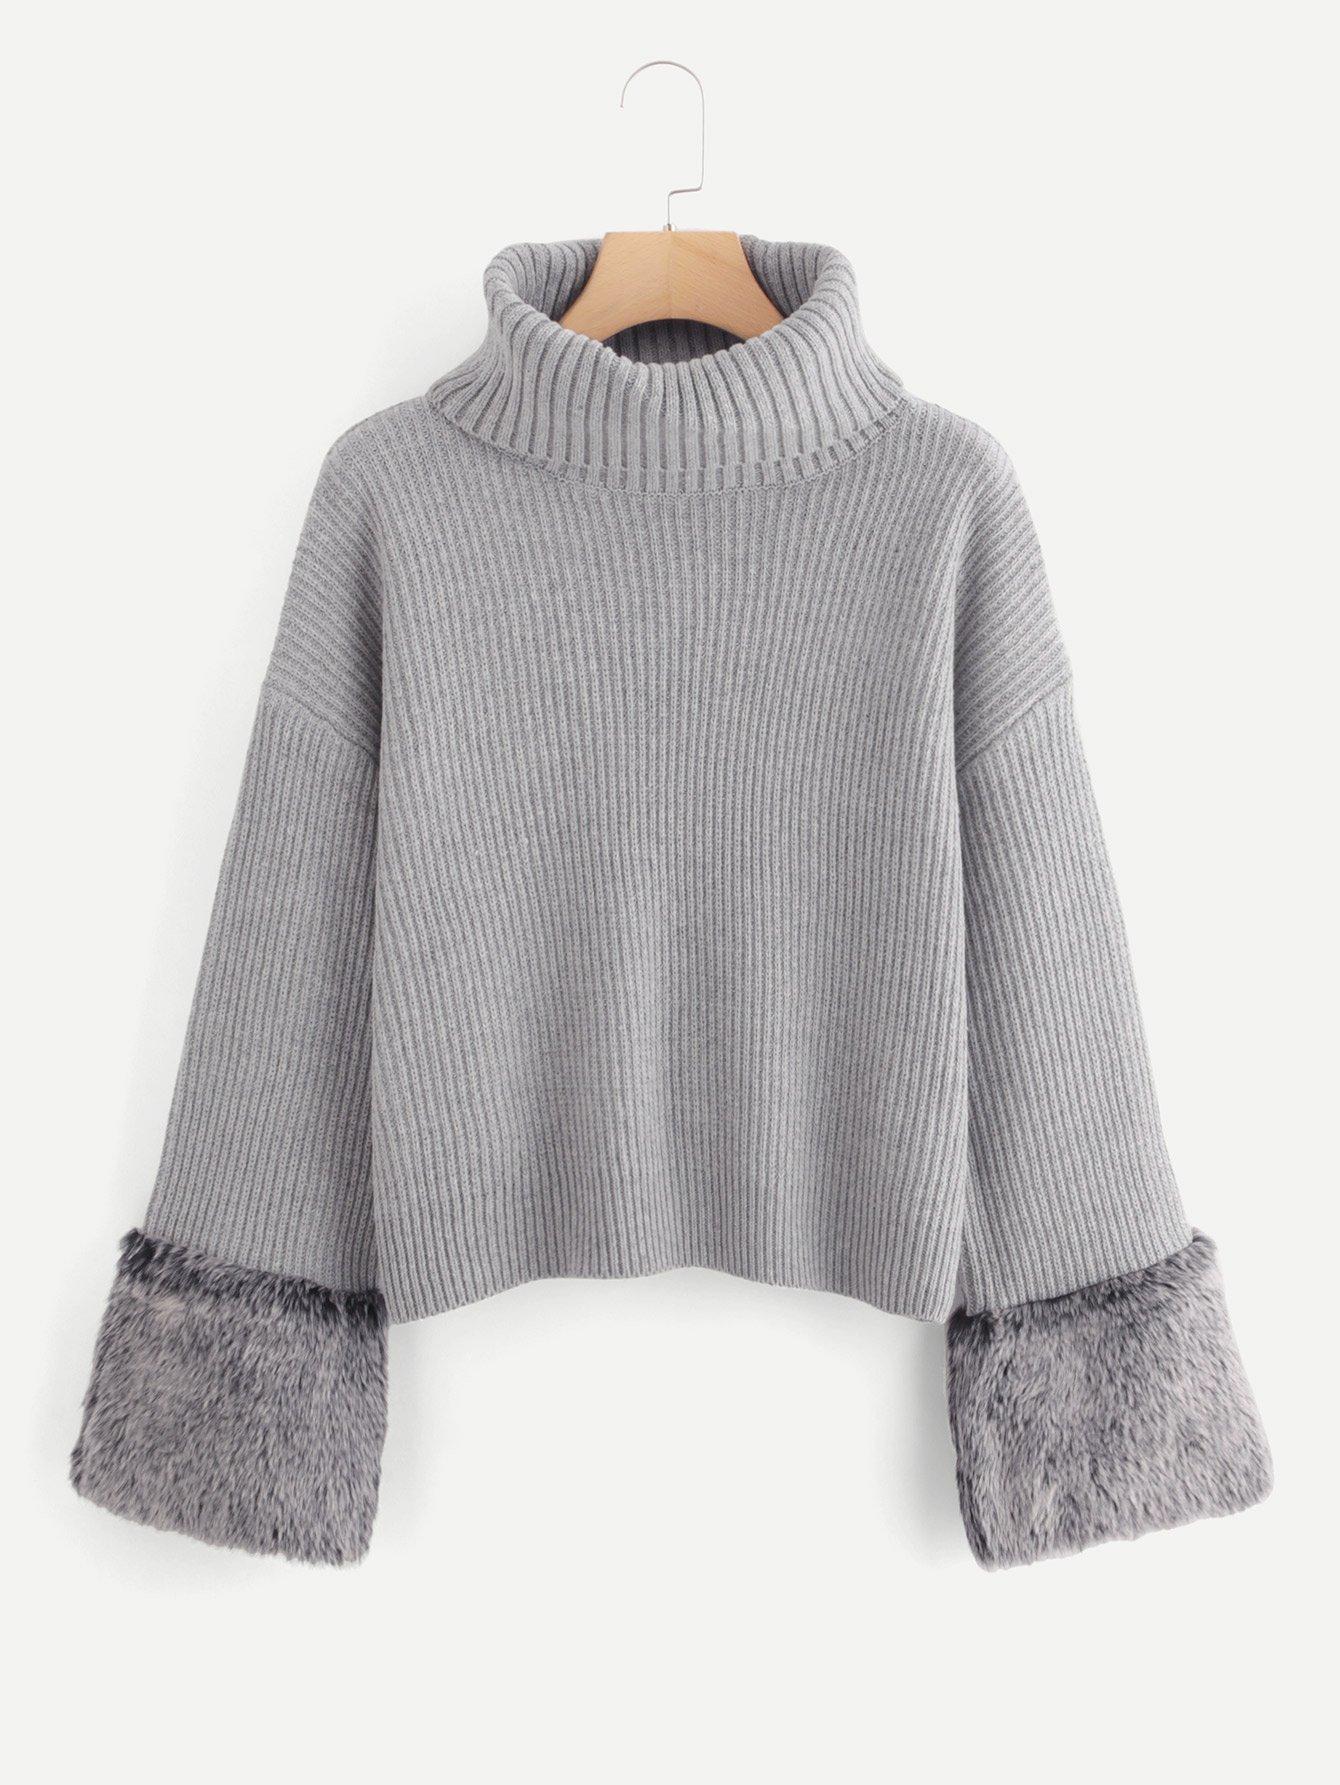 Купить Черепаха Шея Искусственный меховой свитер, null, SheIn